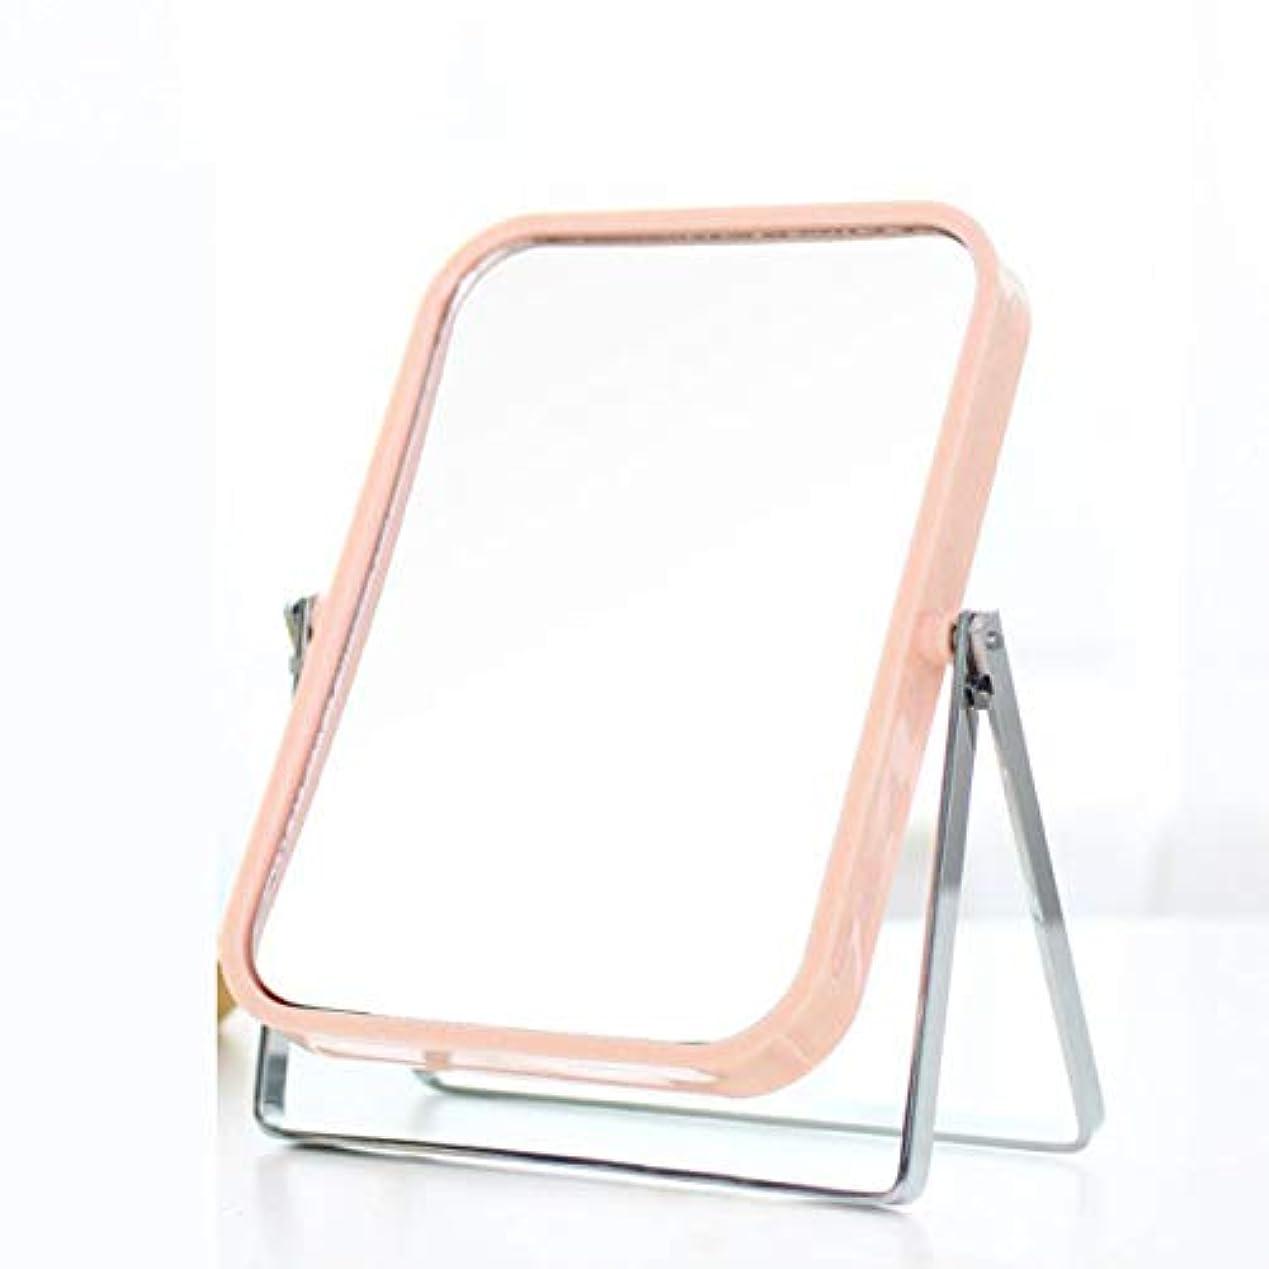 寛大さ結核入り口化粧鏡、シンプルな長方形の両面化粧鏡の化粧ギフト (Color : ピンク)